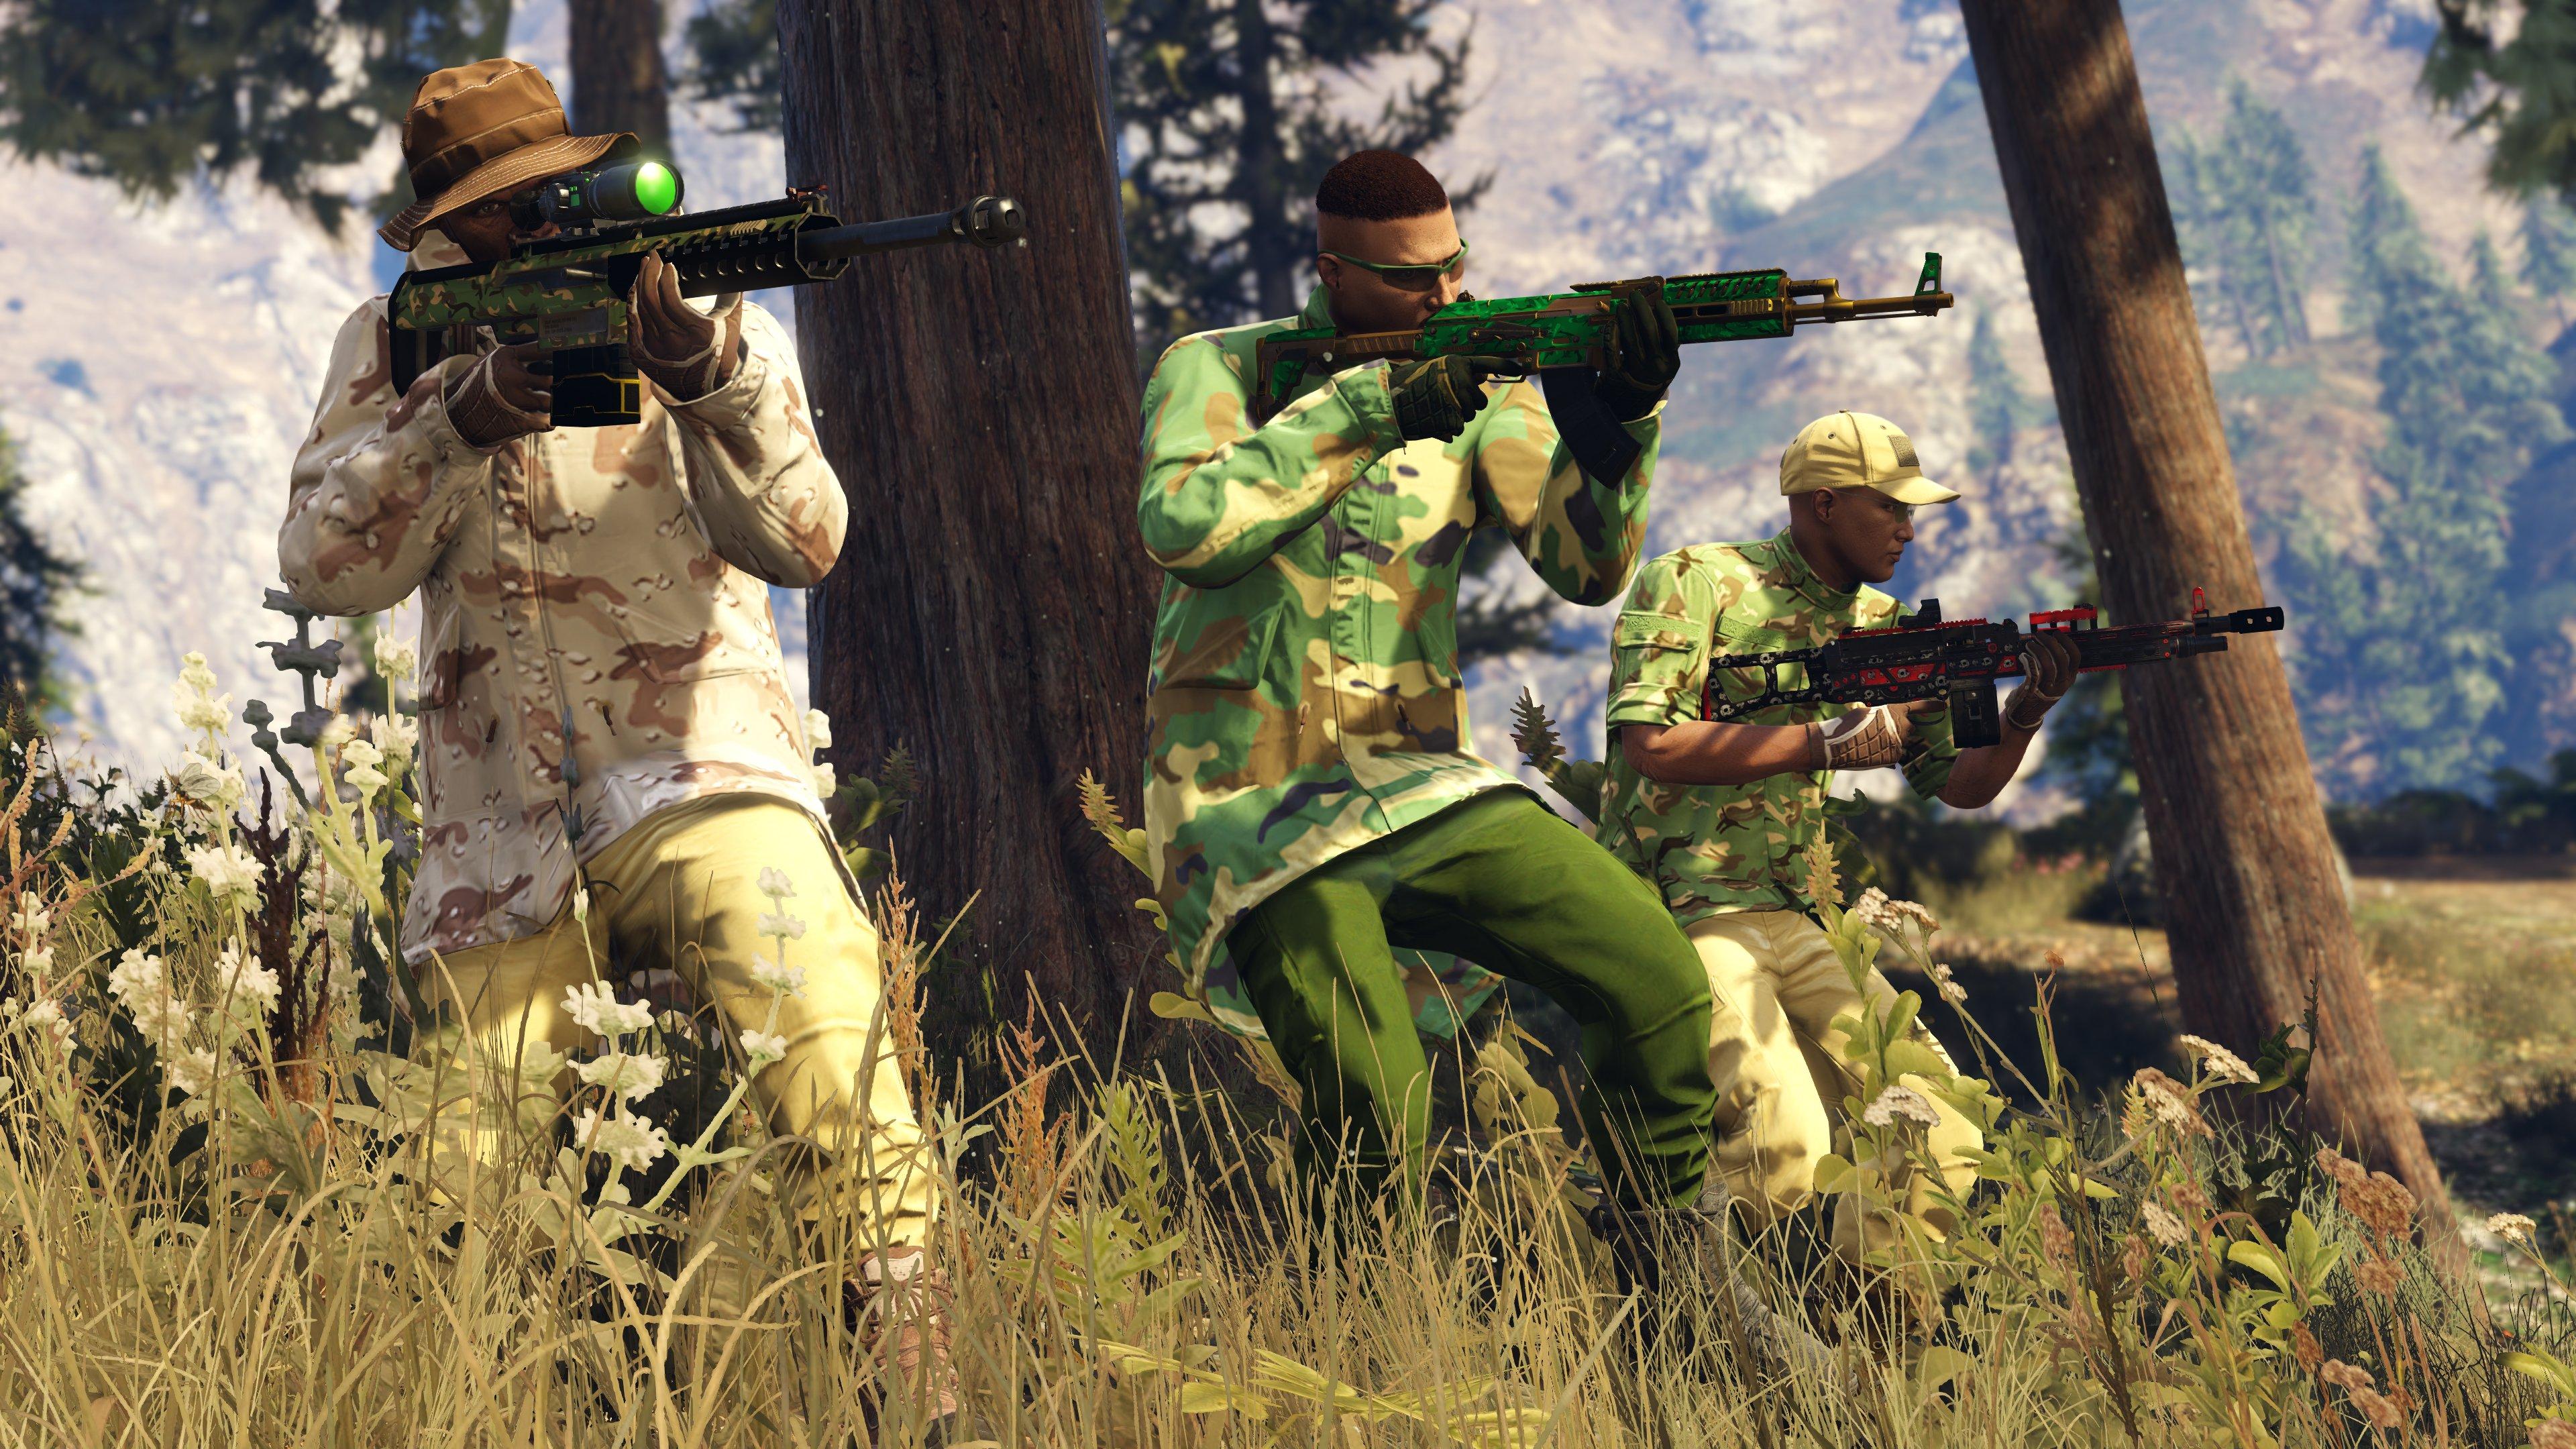 Скриншот к игре Grand Theft Auto V (GTA 5) [v1.0.1180.1 (SP)/1.41]  (2015) PC | RePack от R.G. Механики